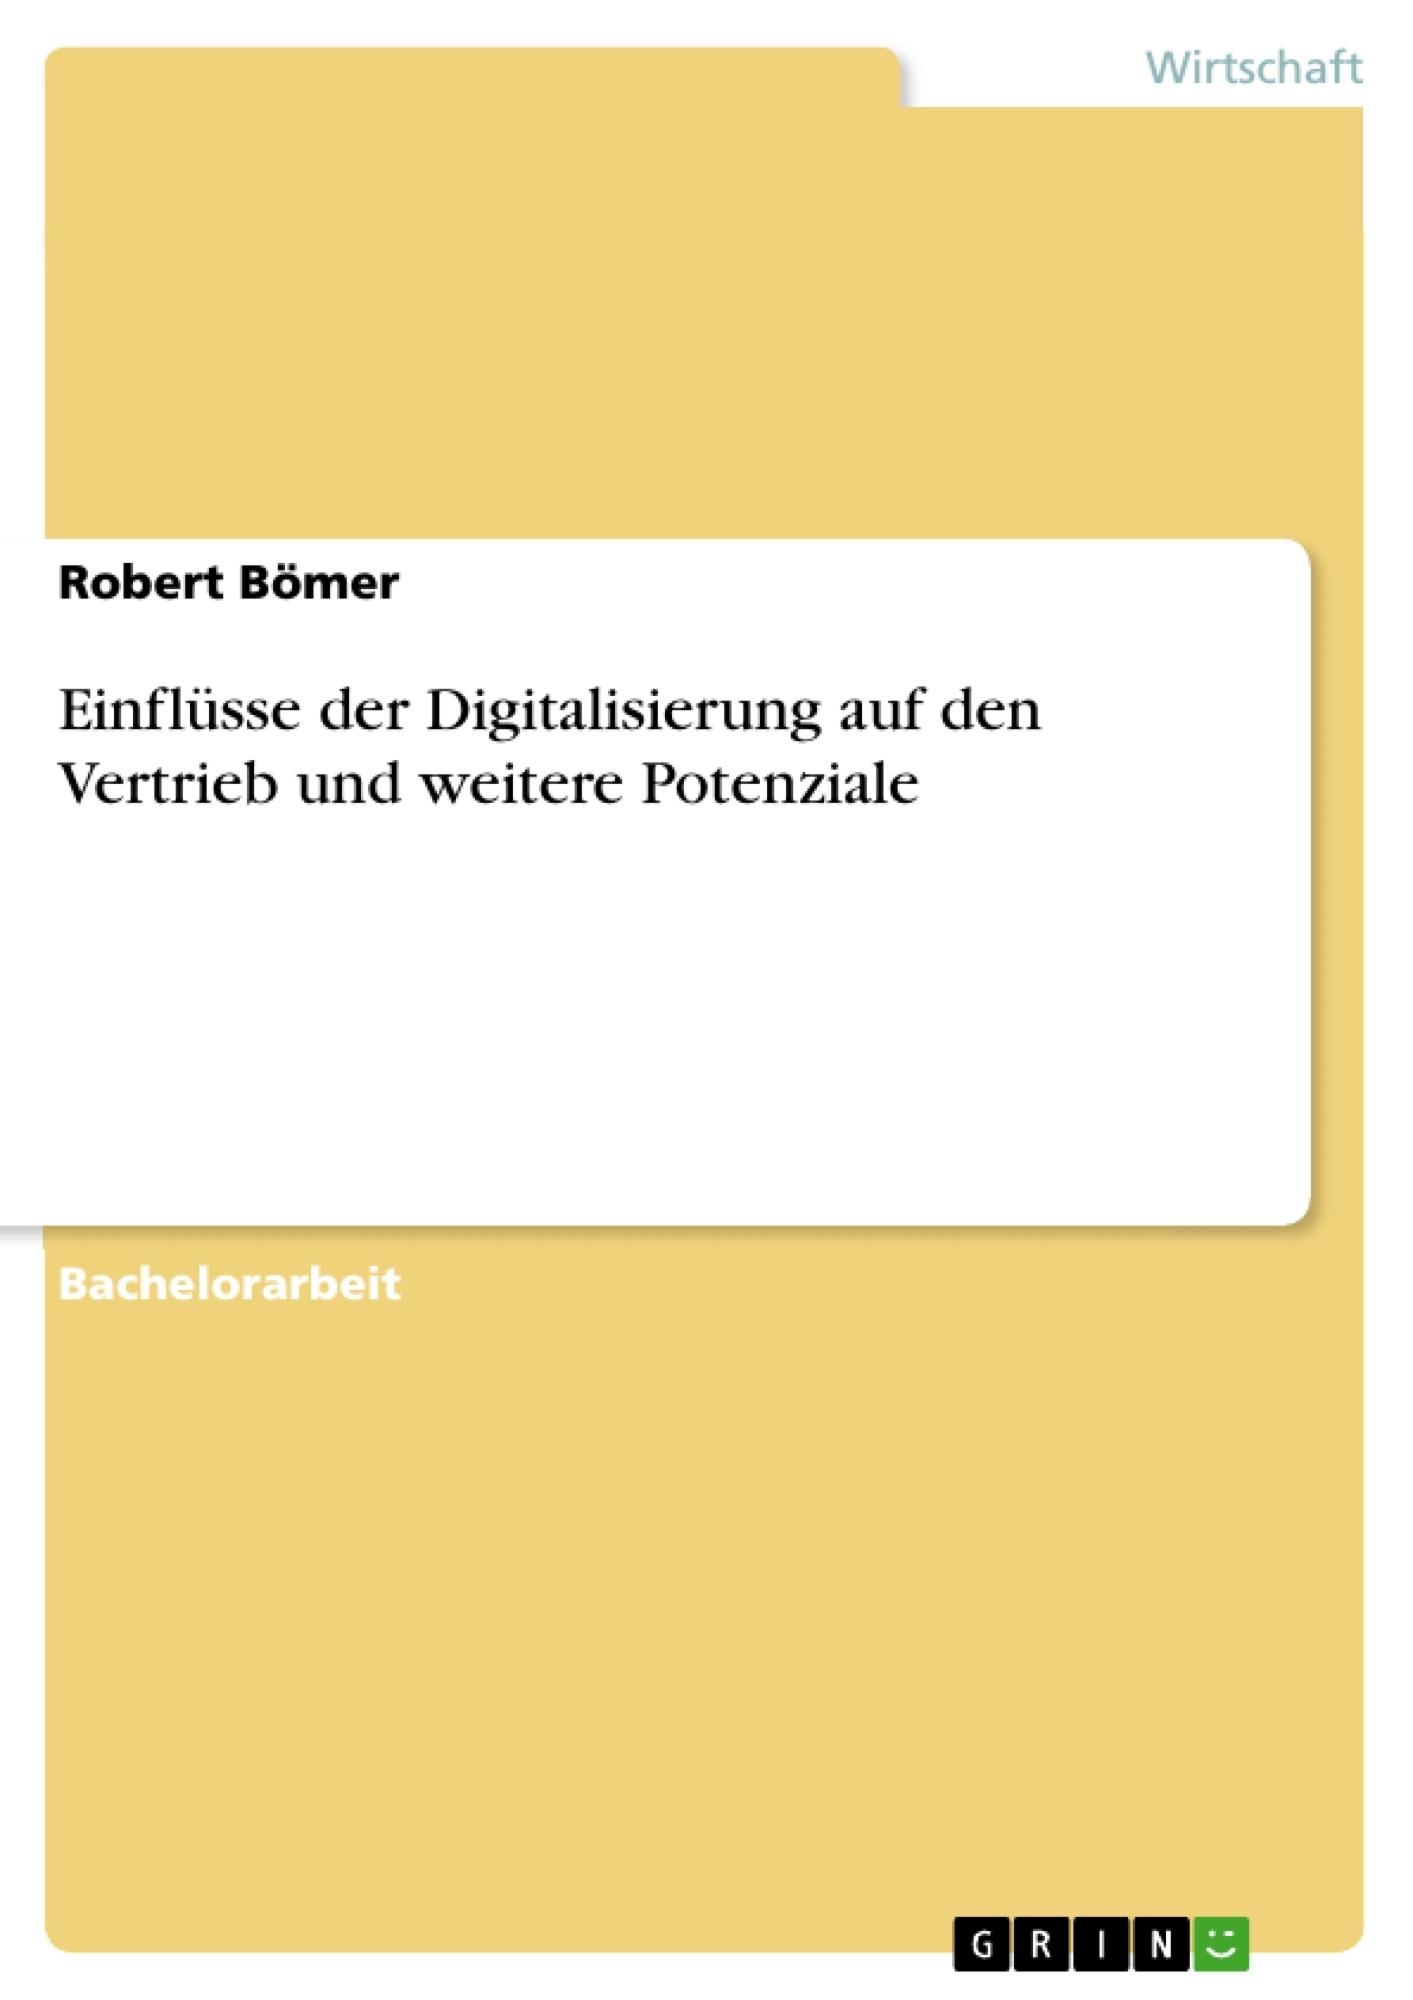 Titel: Einflüsse der Digitalisierung auf den Vertrieb und weitere Potenziale